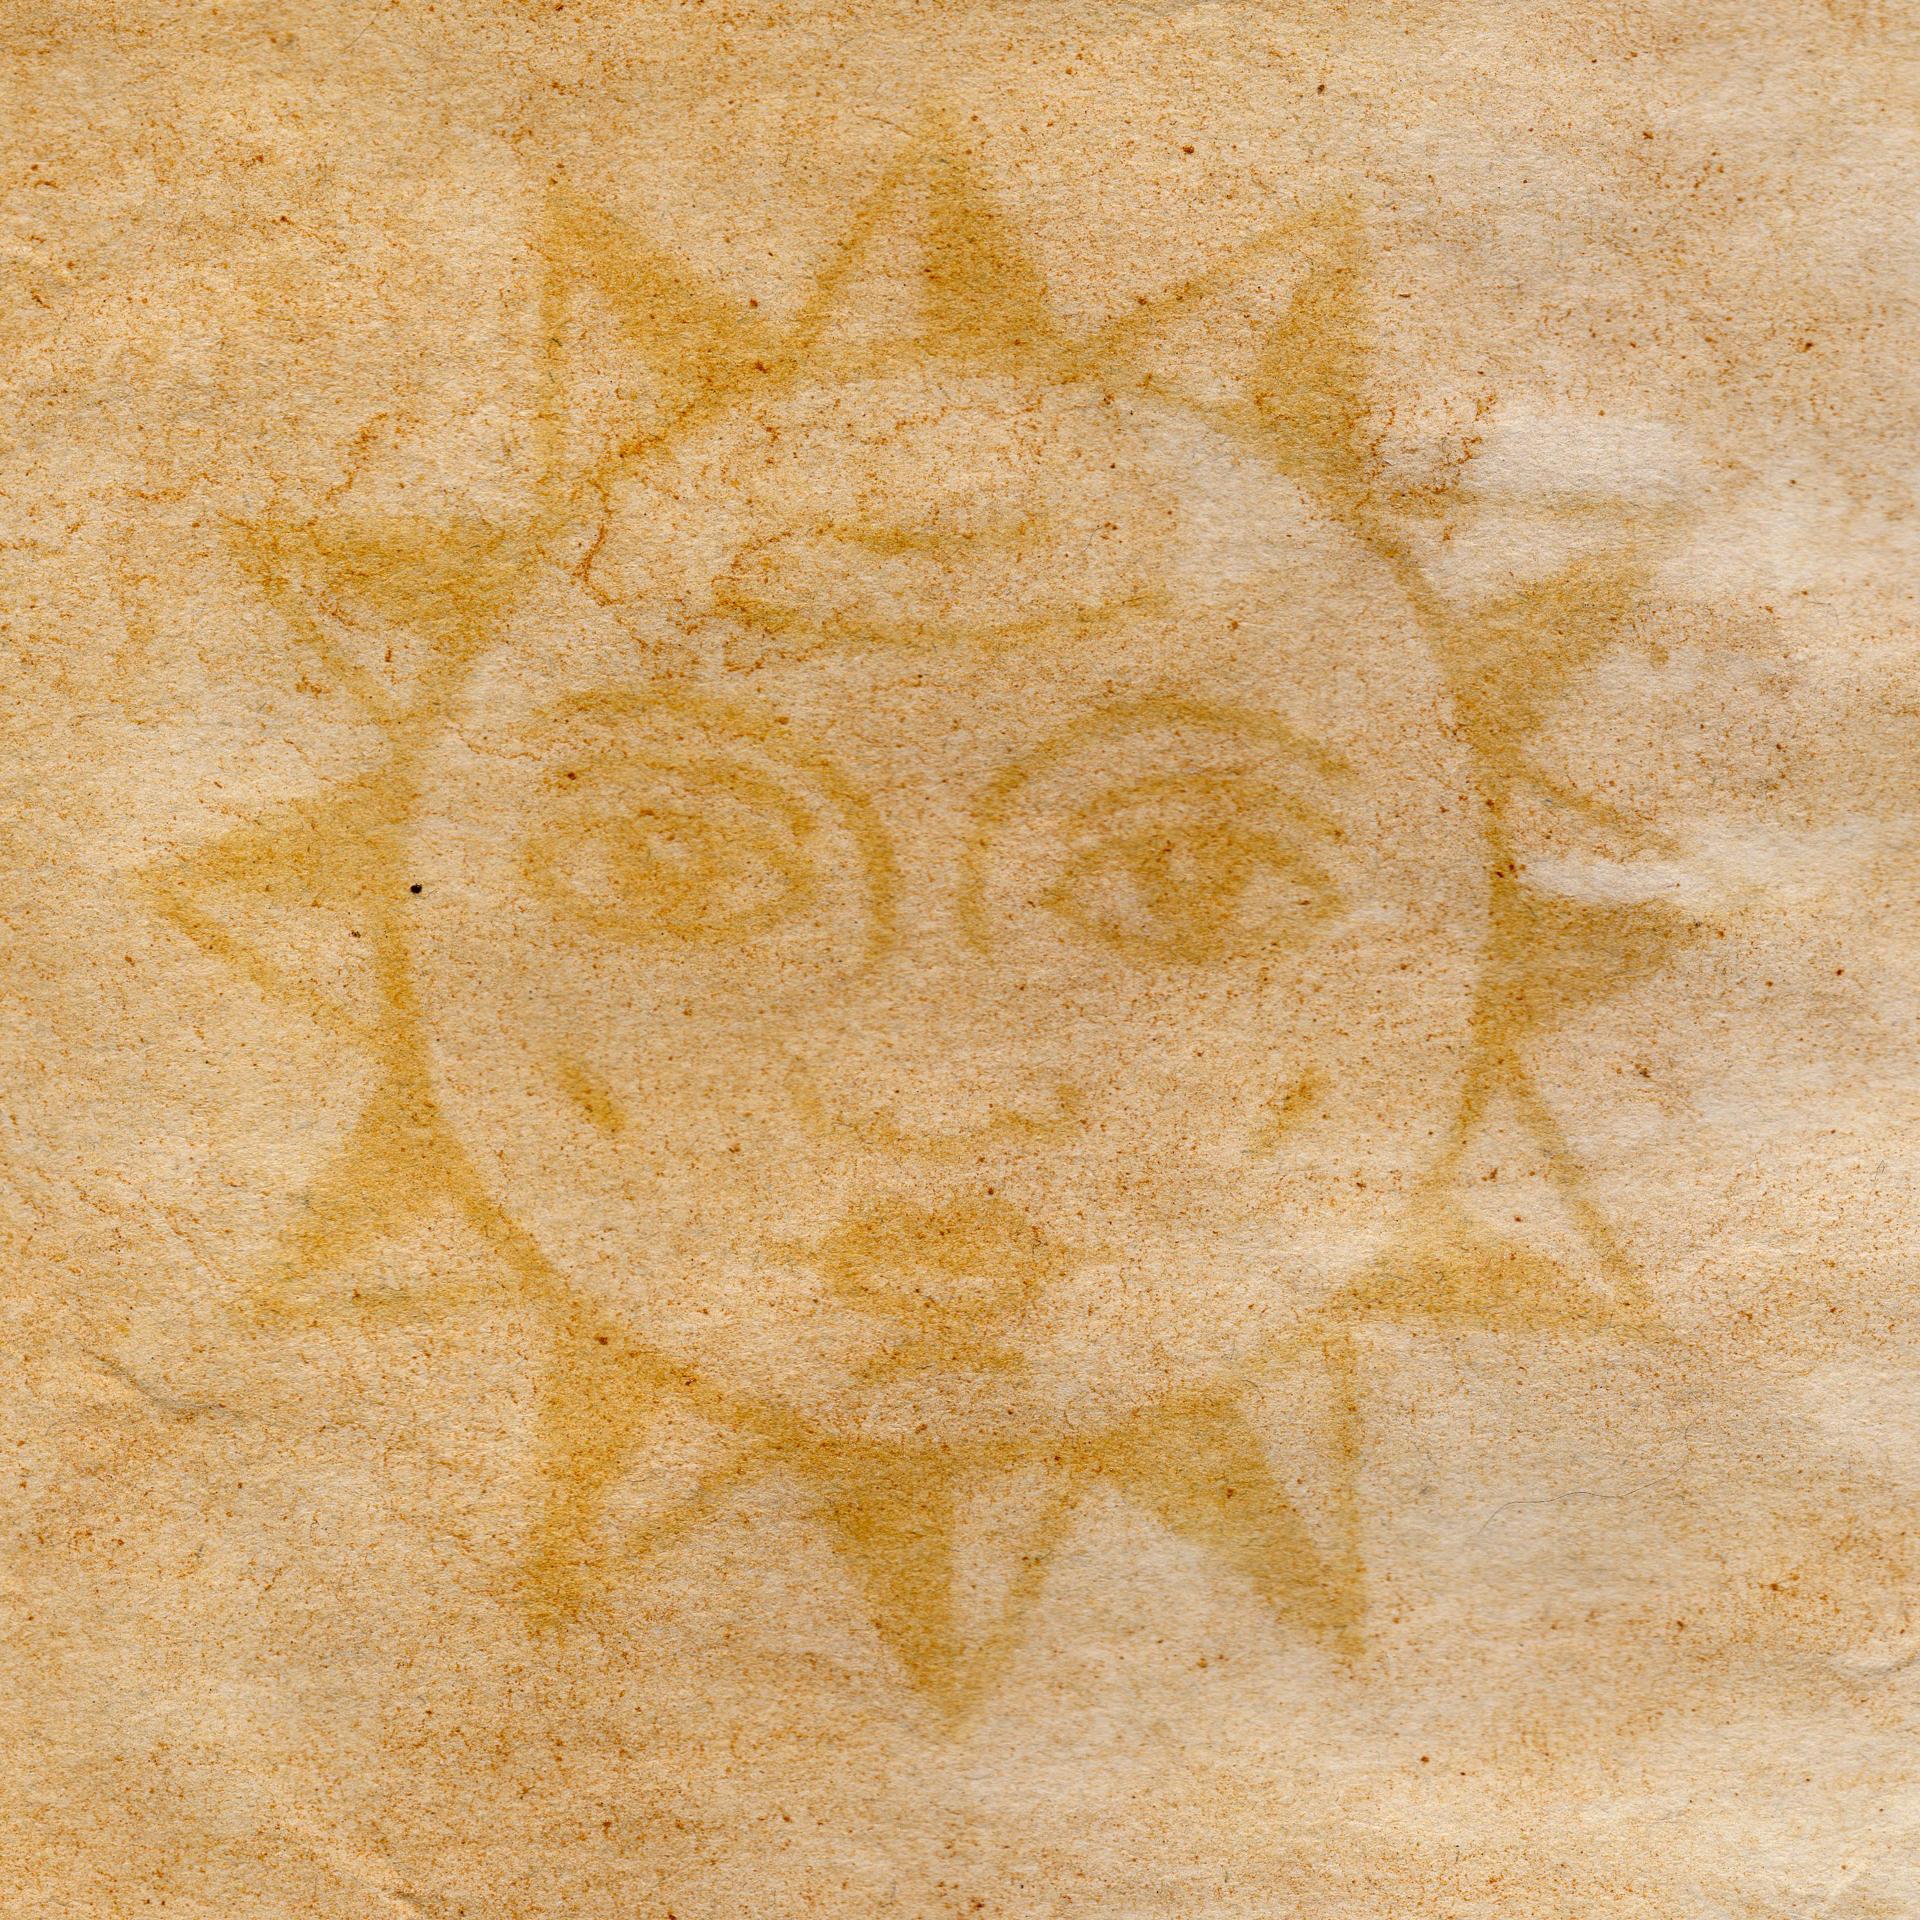 anthotype test tumric sun crop. craig richards